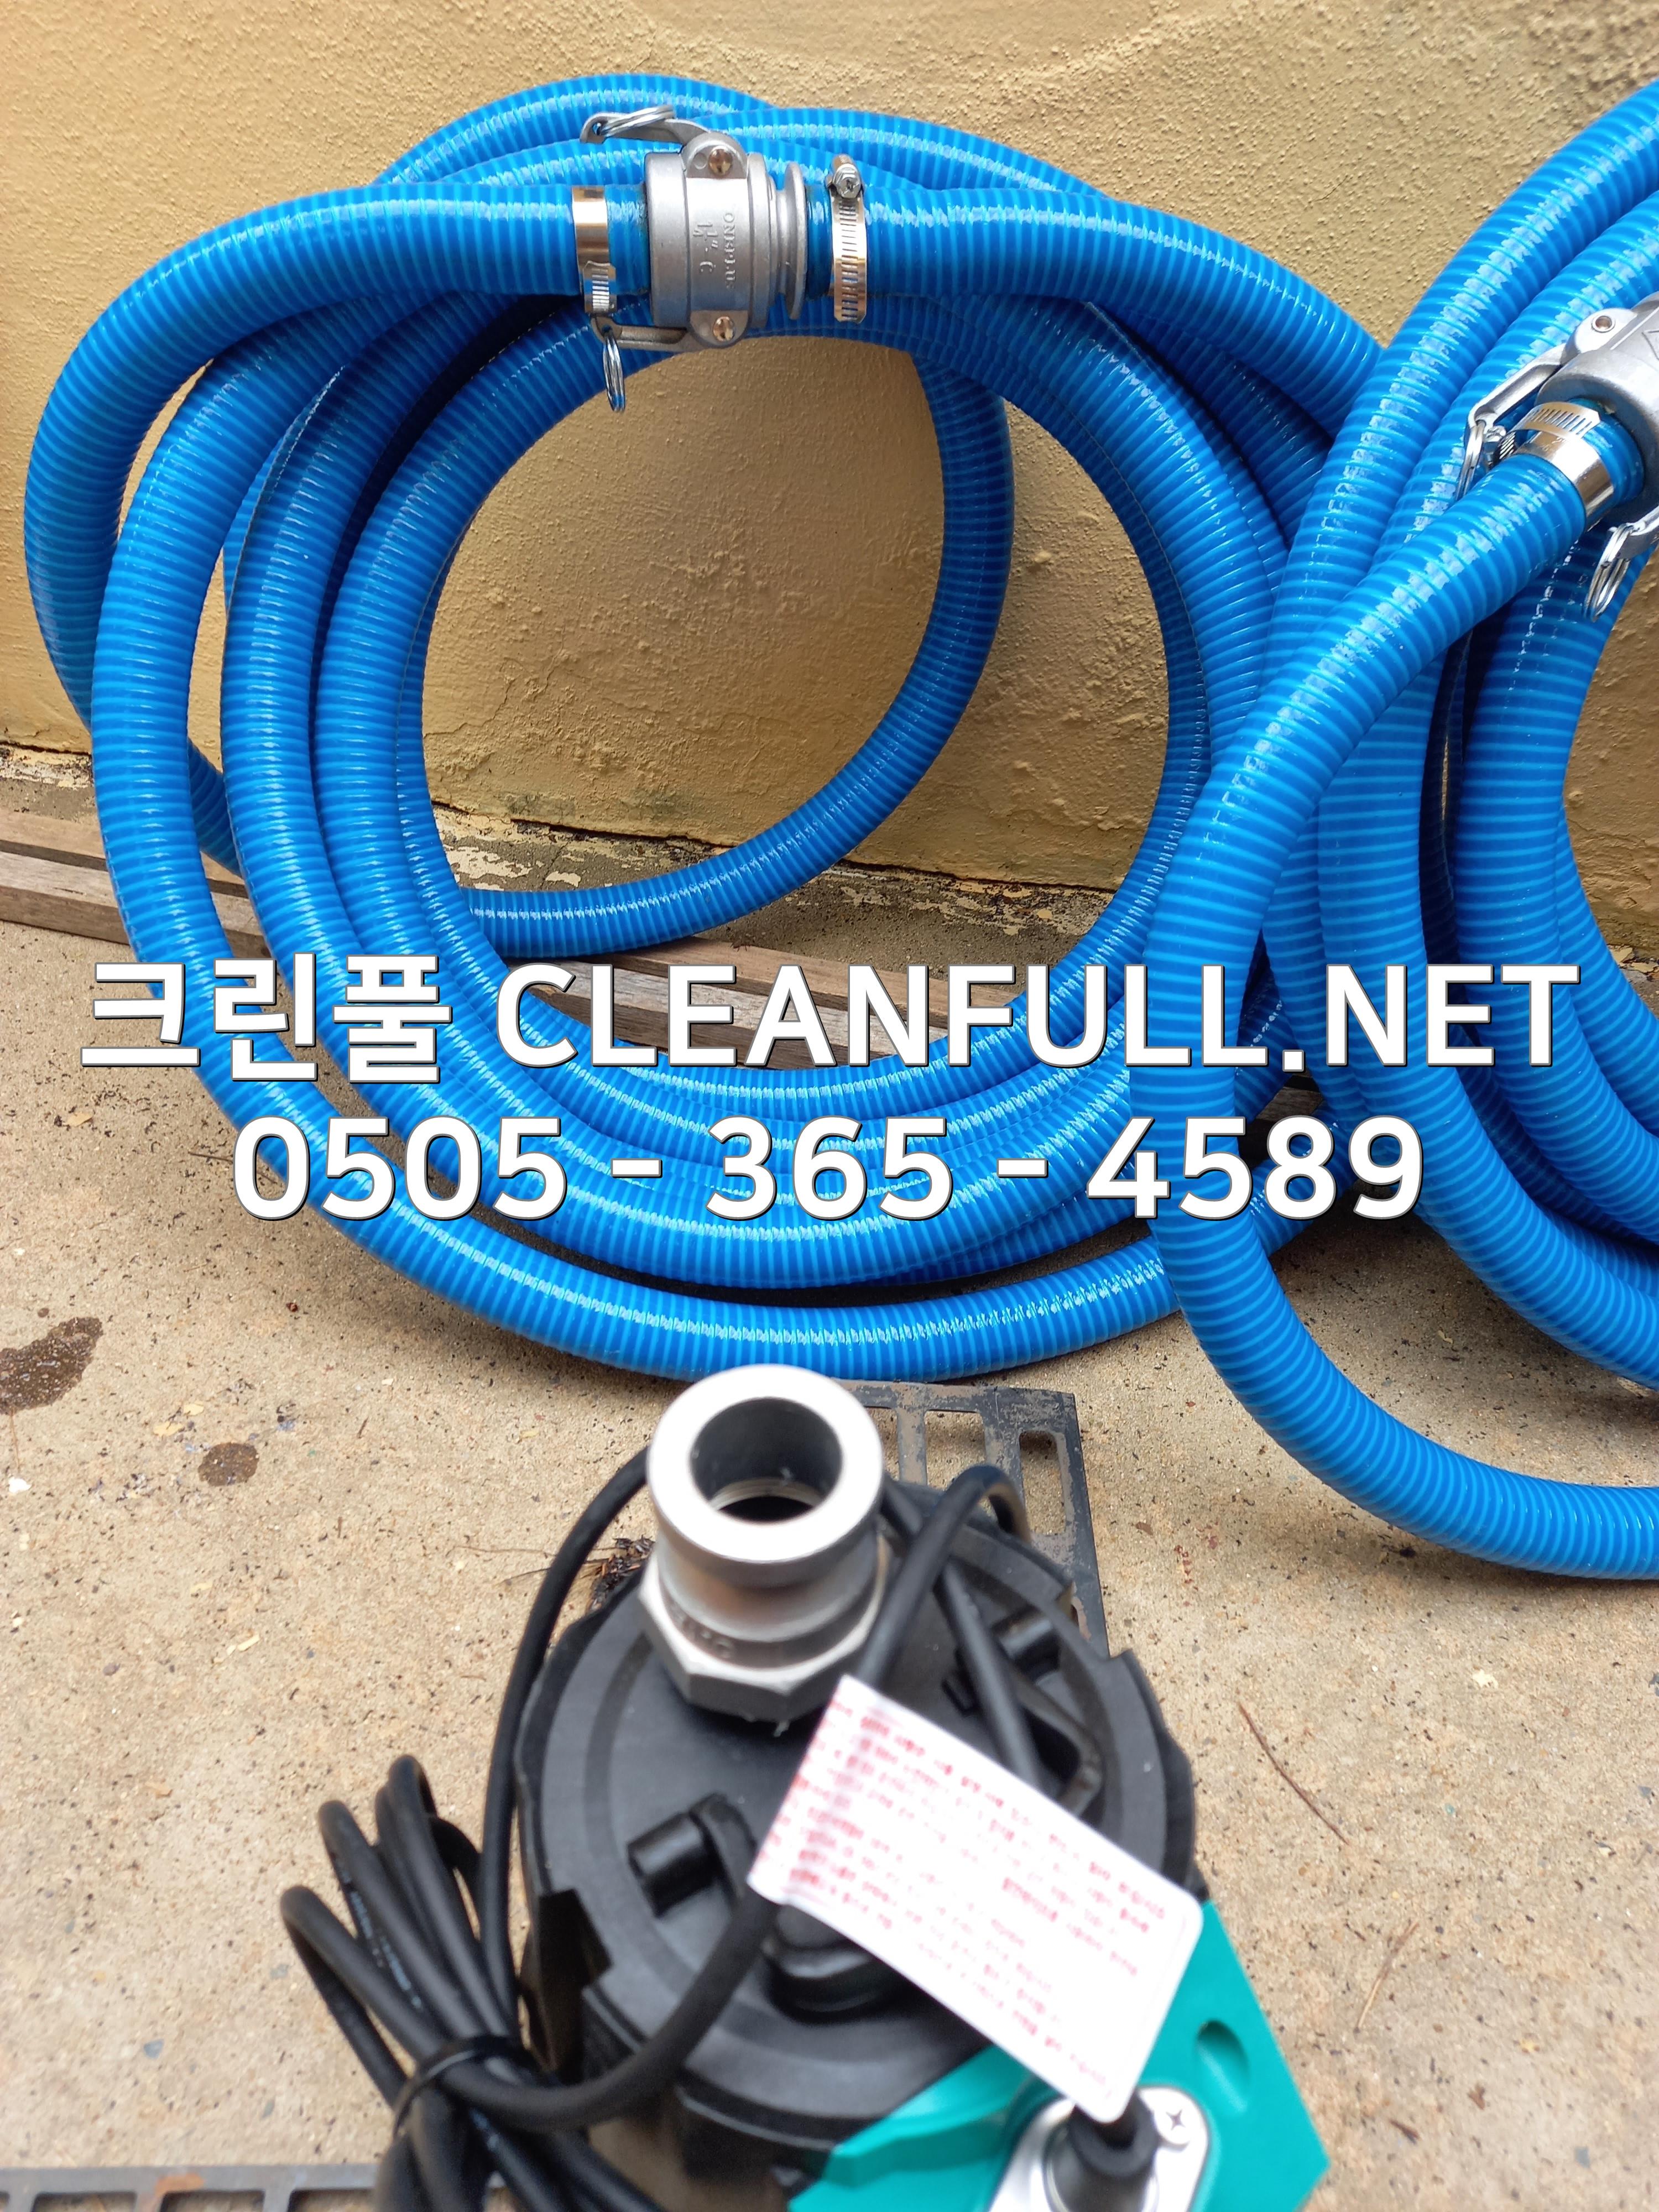 저수조청소 잔수처리용으로 모터 32A 구매 / 배수펌프 1/3마력 수중모터펌프 (잔수처리)